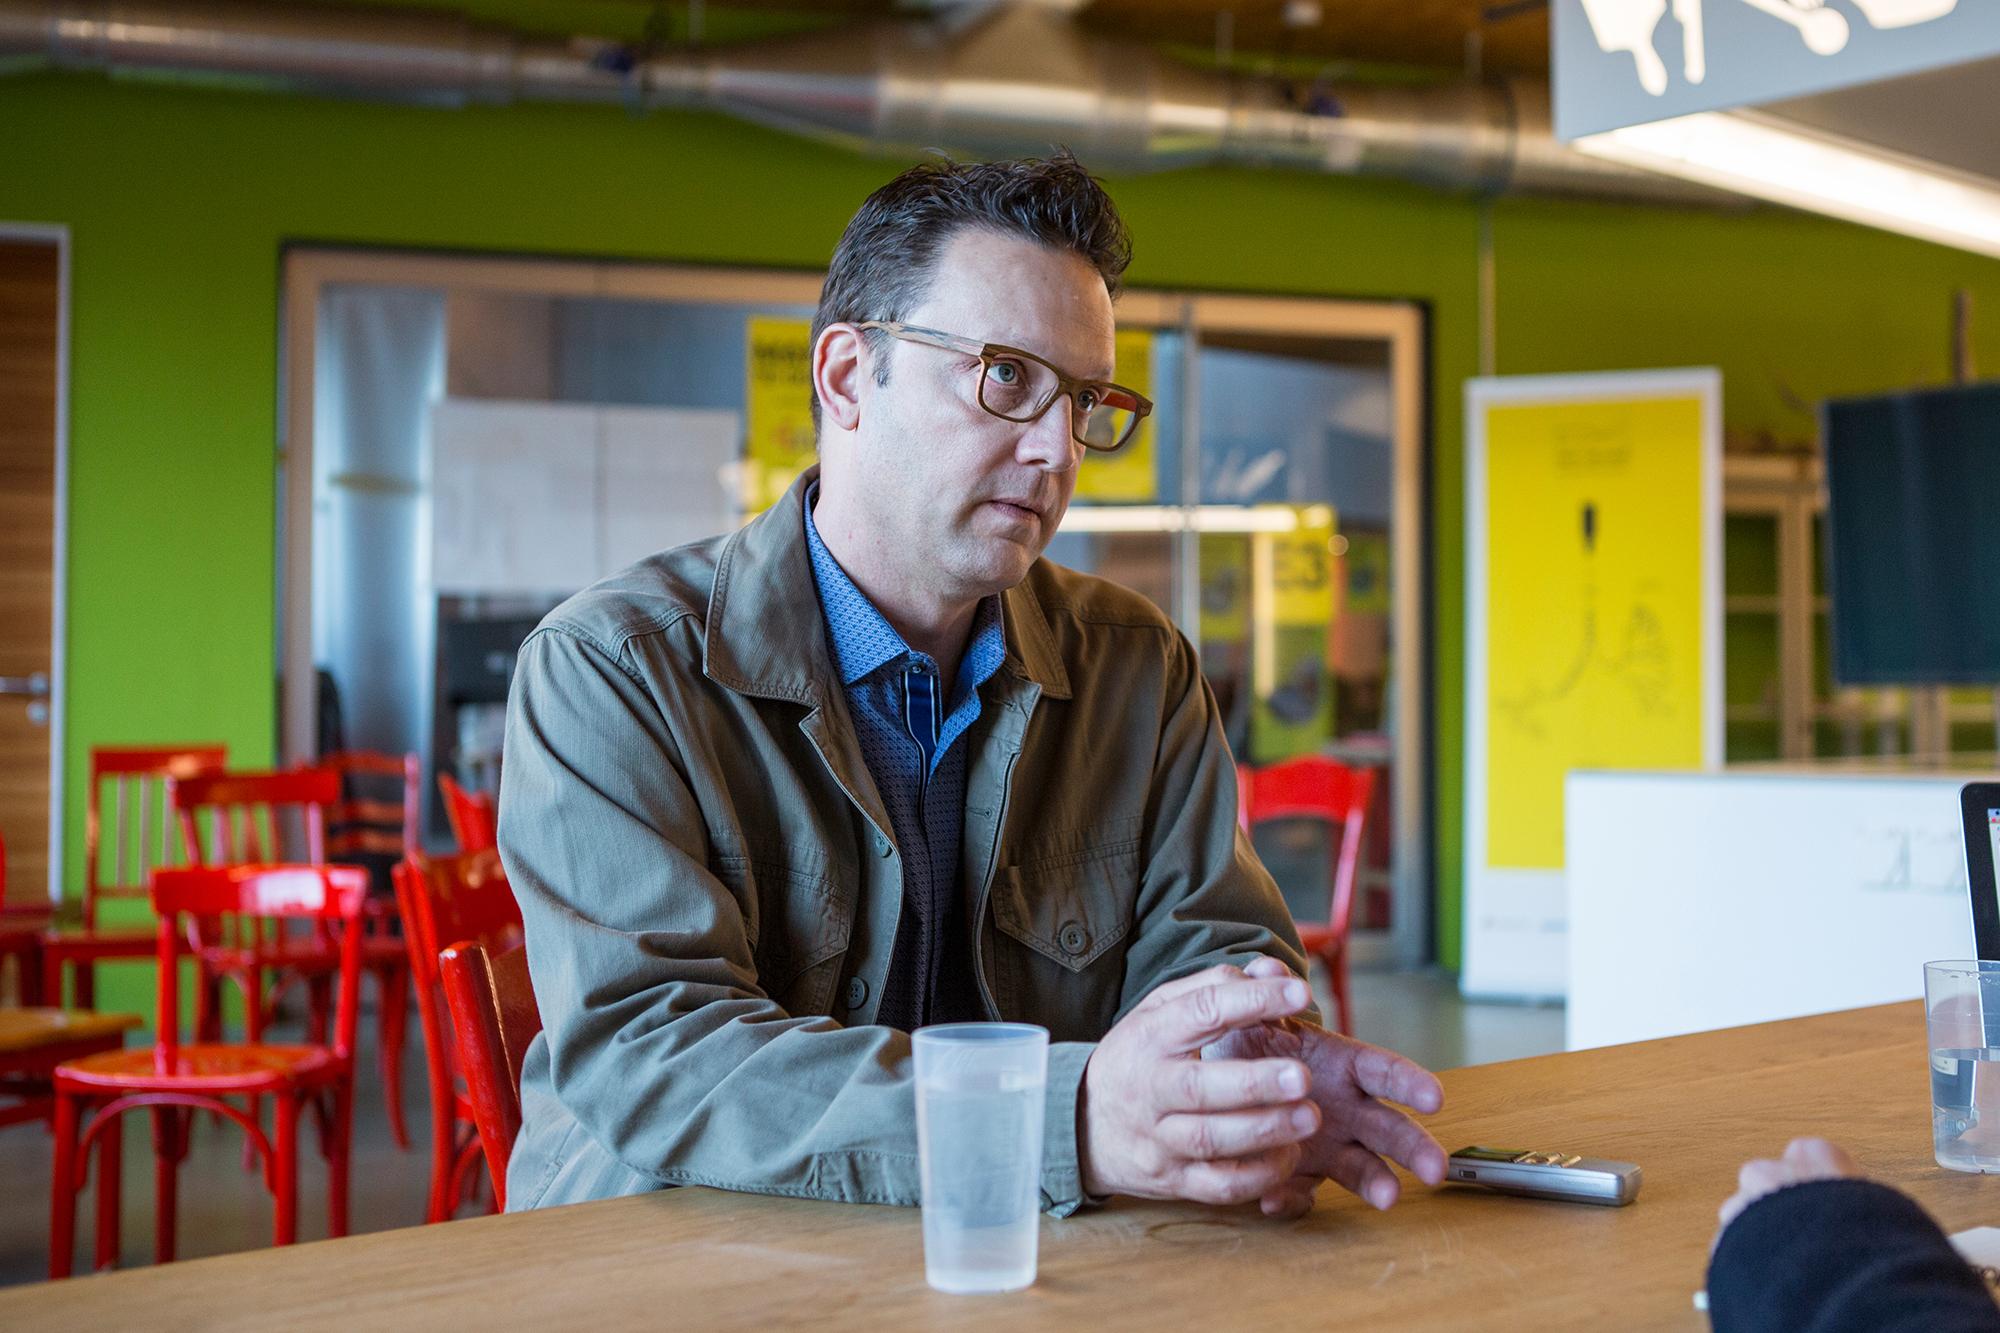 «Gadgets interessieren mich nicht. Ich denke lieber über Technologien nach, die erst auf dem Papier existieren», sagt der Futurist Scott Smith.